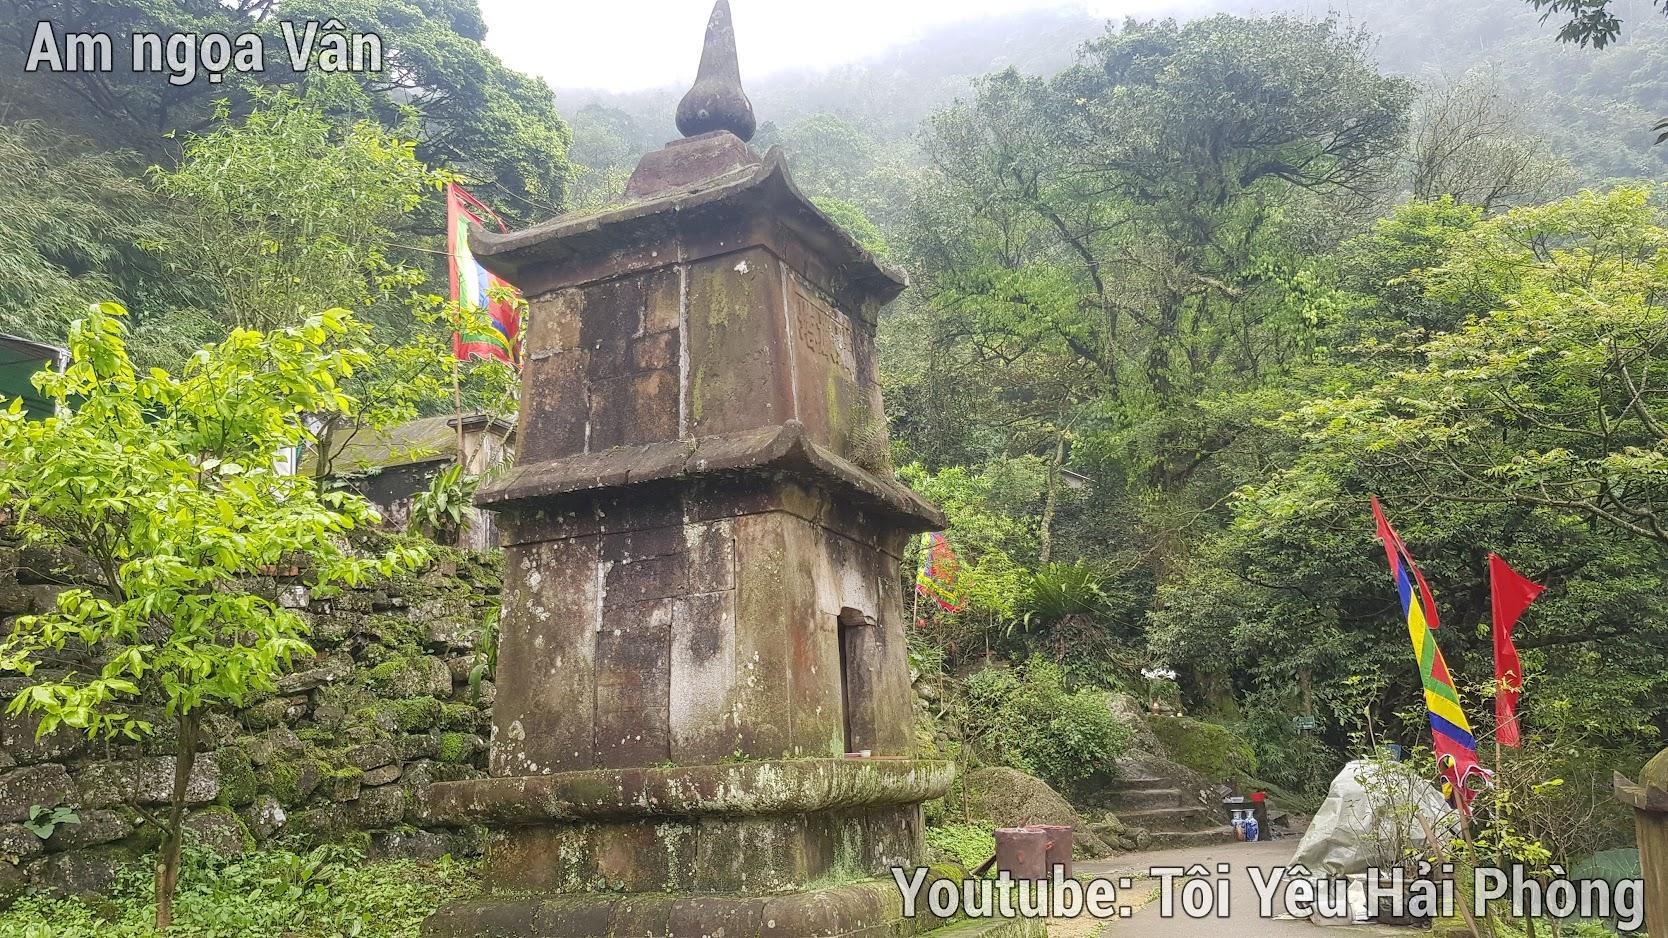 Đây là Lý do Đức Vua Hóa Phật tại Am Ngọa Vân ở Quảng Ninh 8